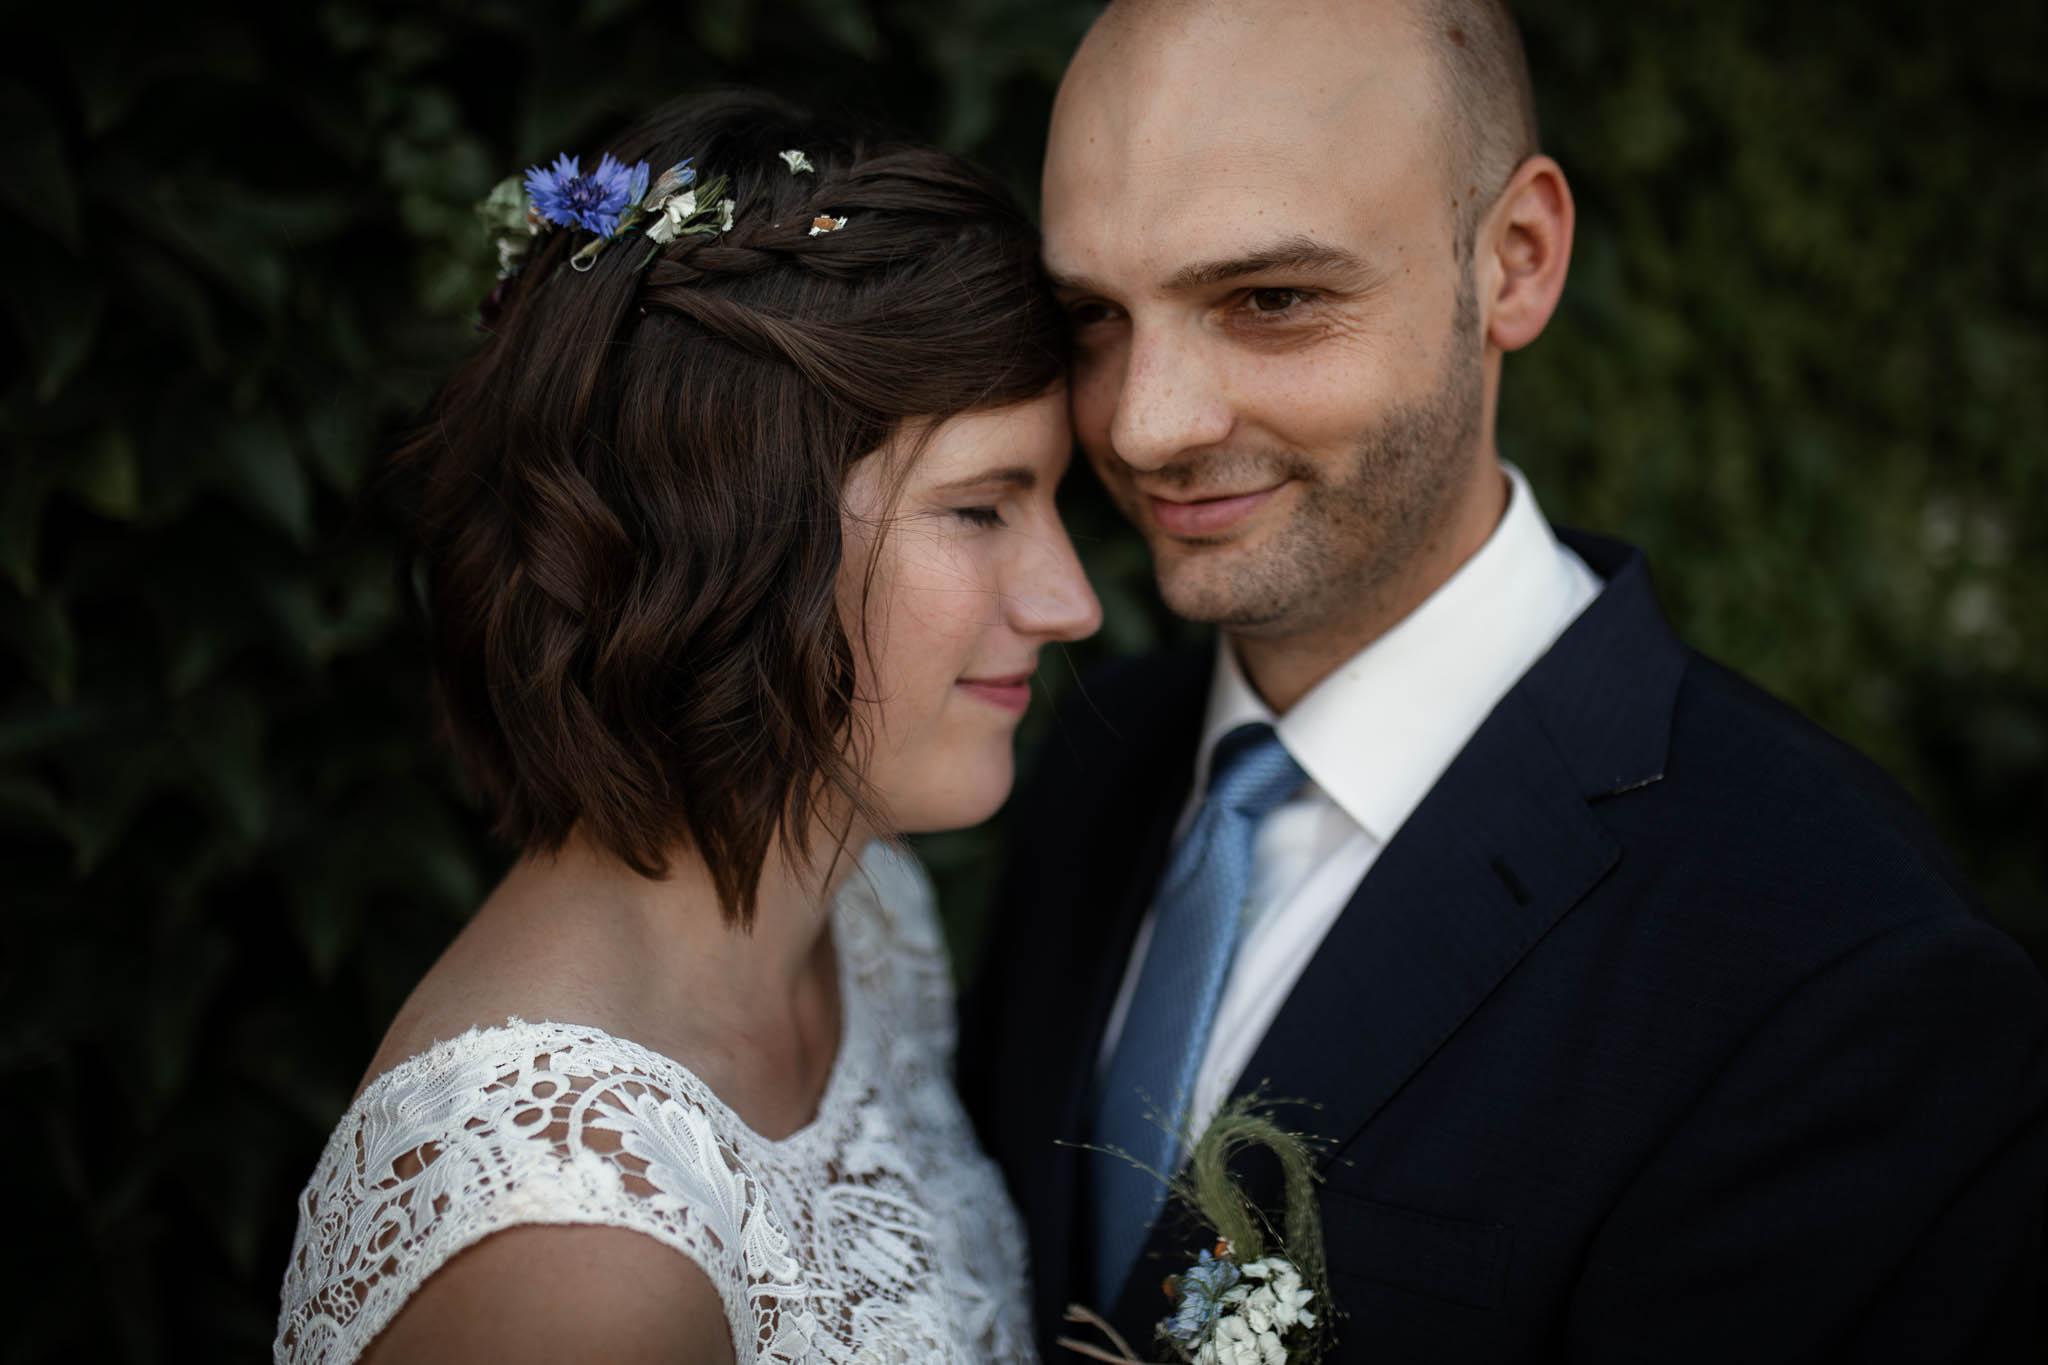 Hochzeitsfotograf Guntersblum, Domhof - Hochzeit von Ina & Johannes 48